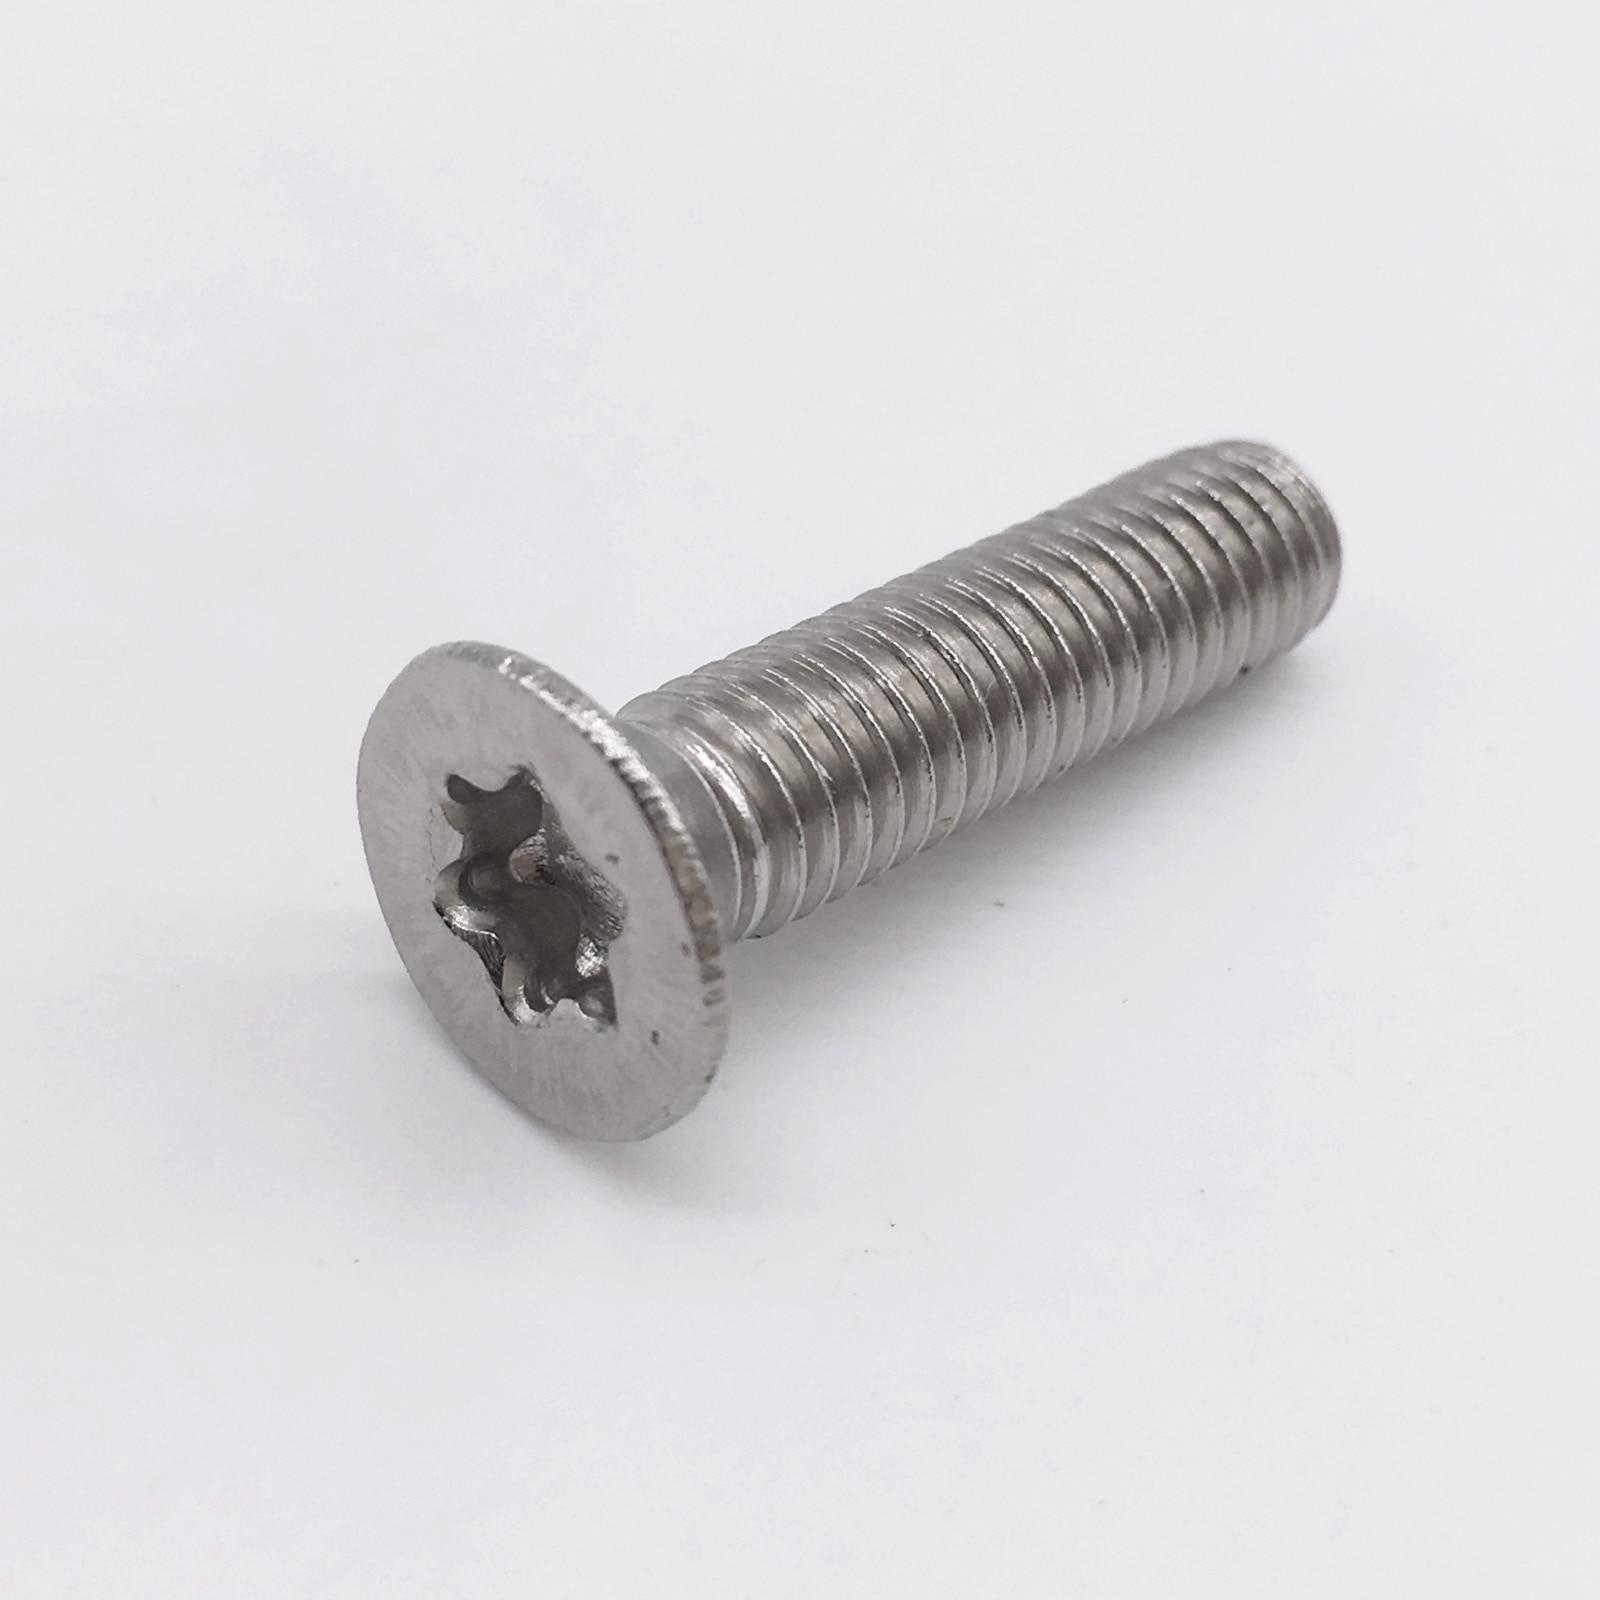 M5 Carbon Steel Flat Head Socket Screws Countersunk Bolt QTY 20